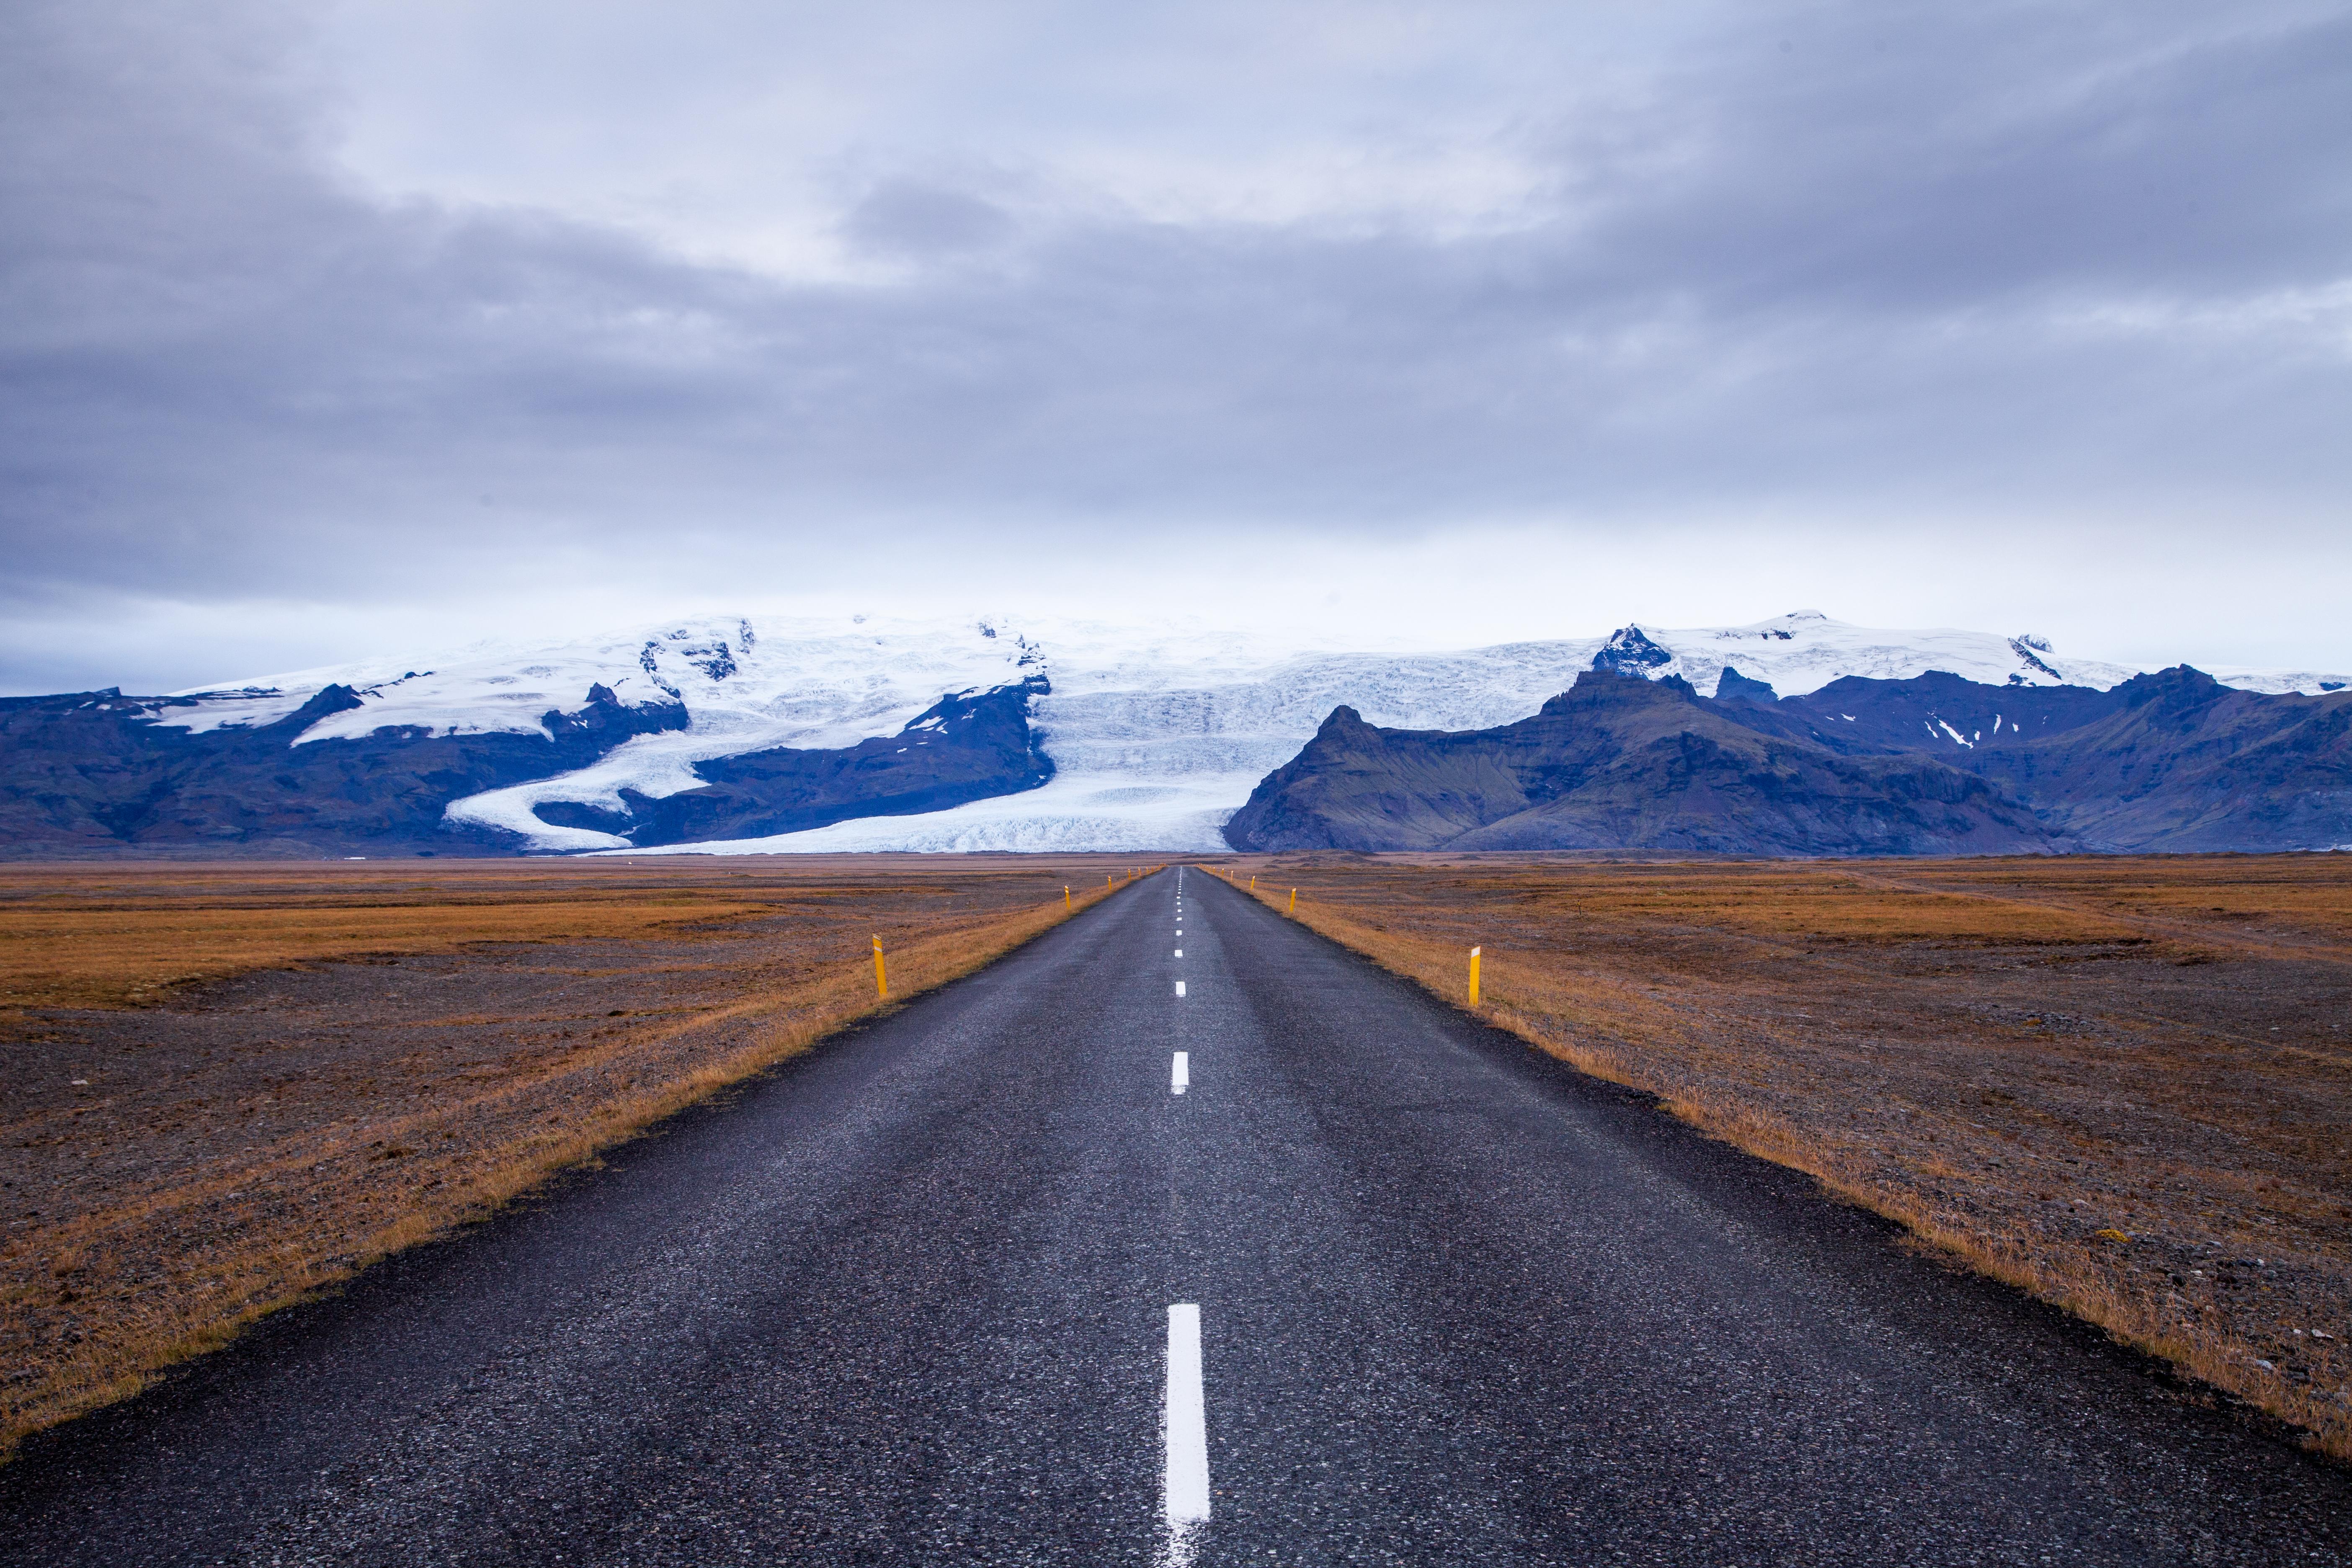 53246 скачать обои Природа, Дорога, Разметка, Асфальт, Снег, Лед, Исландия, Горы - заставки и картинки бесплатно